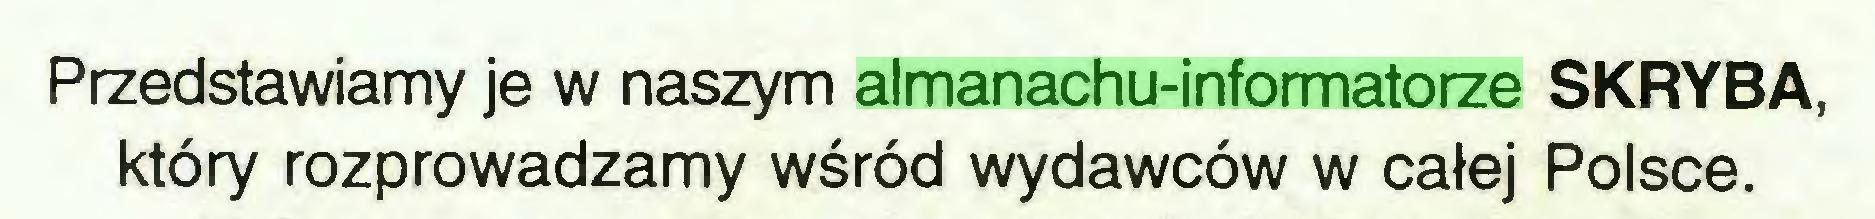 (...) Przedstawiamy je w naszym almanachu-informatorze SKRYBA, który rozprowadzamy wśród wydawców w całej Polsce...